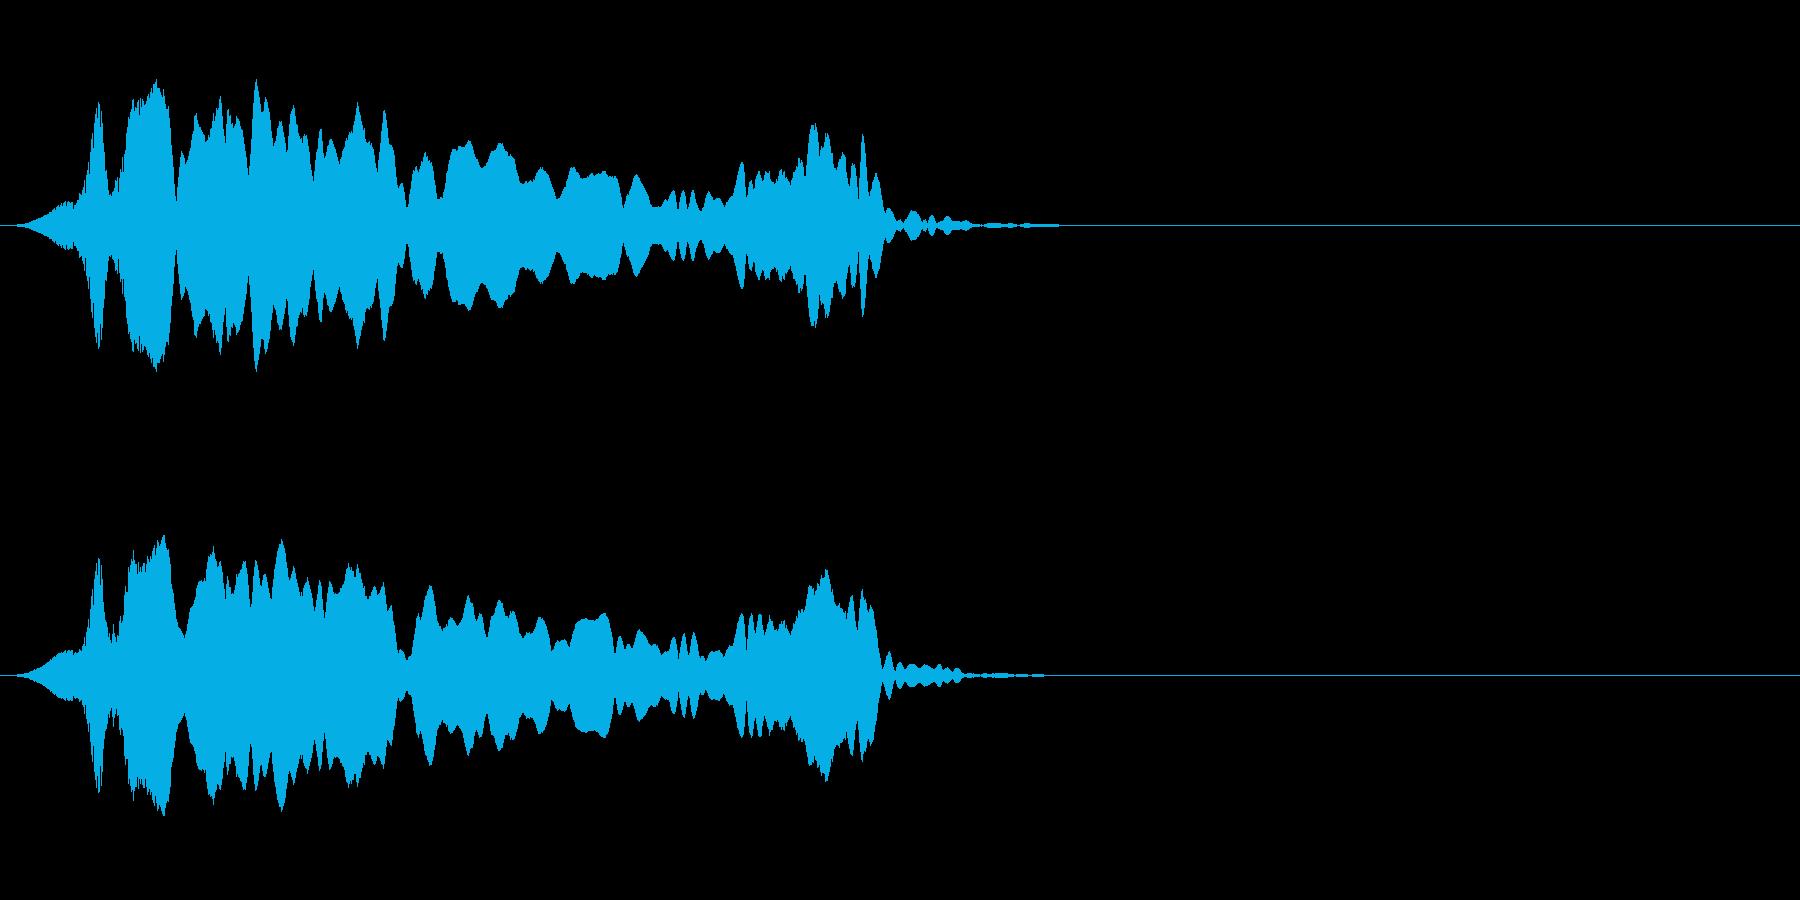 尺八 生演奏 古典風#9の再生済みの波形